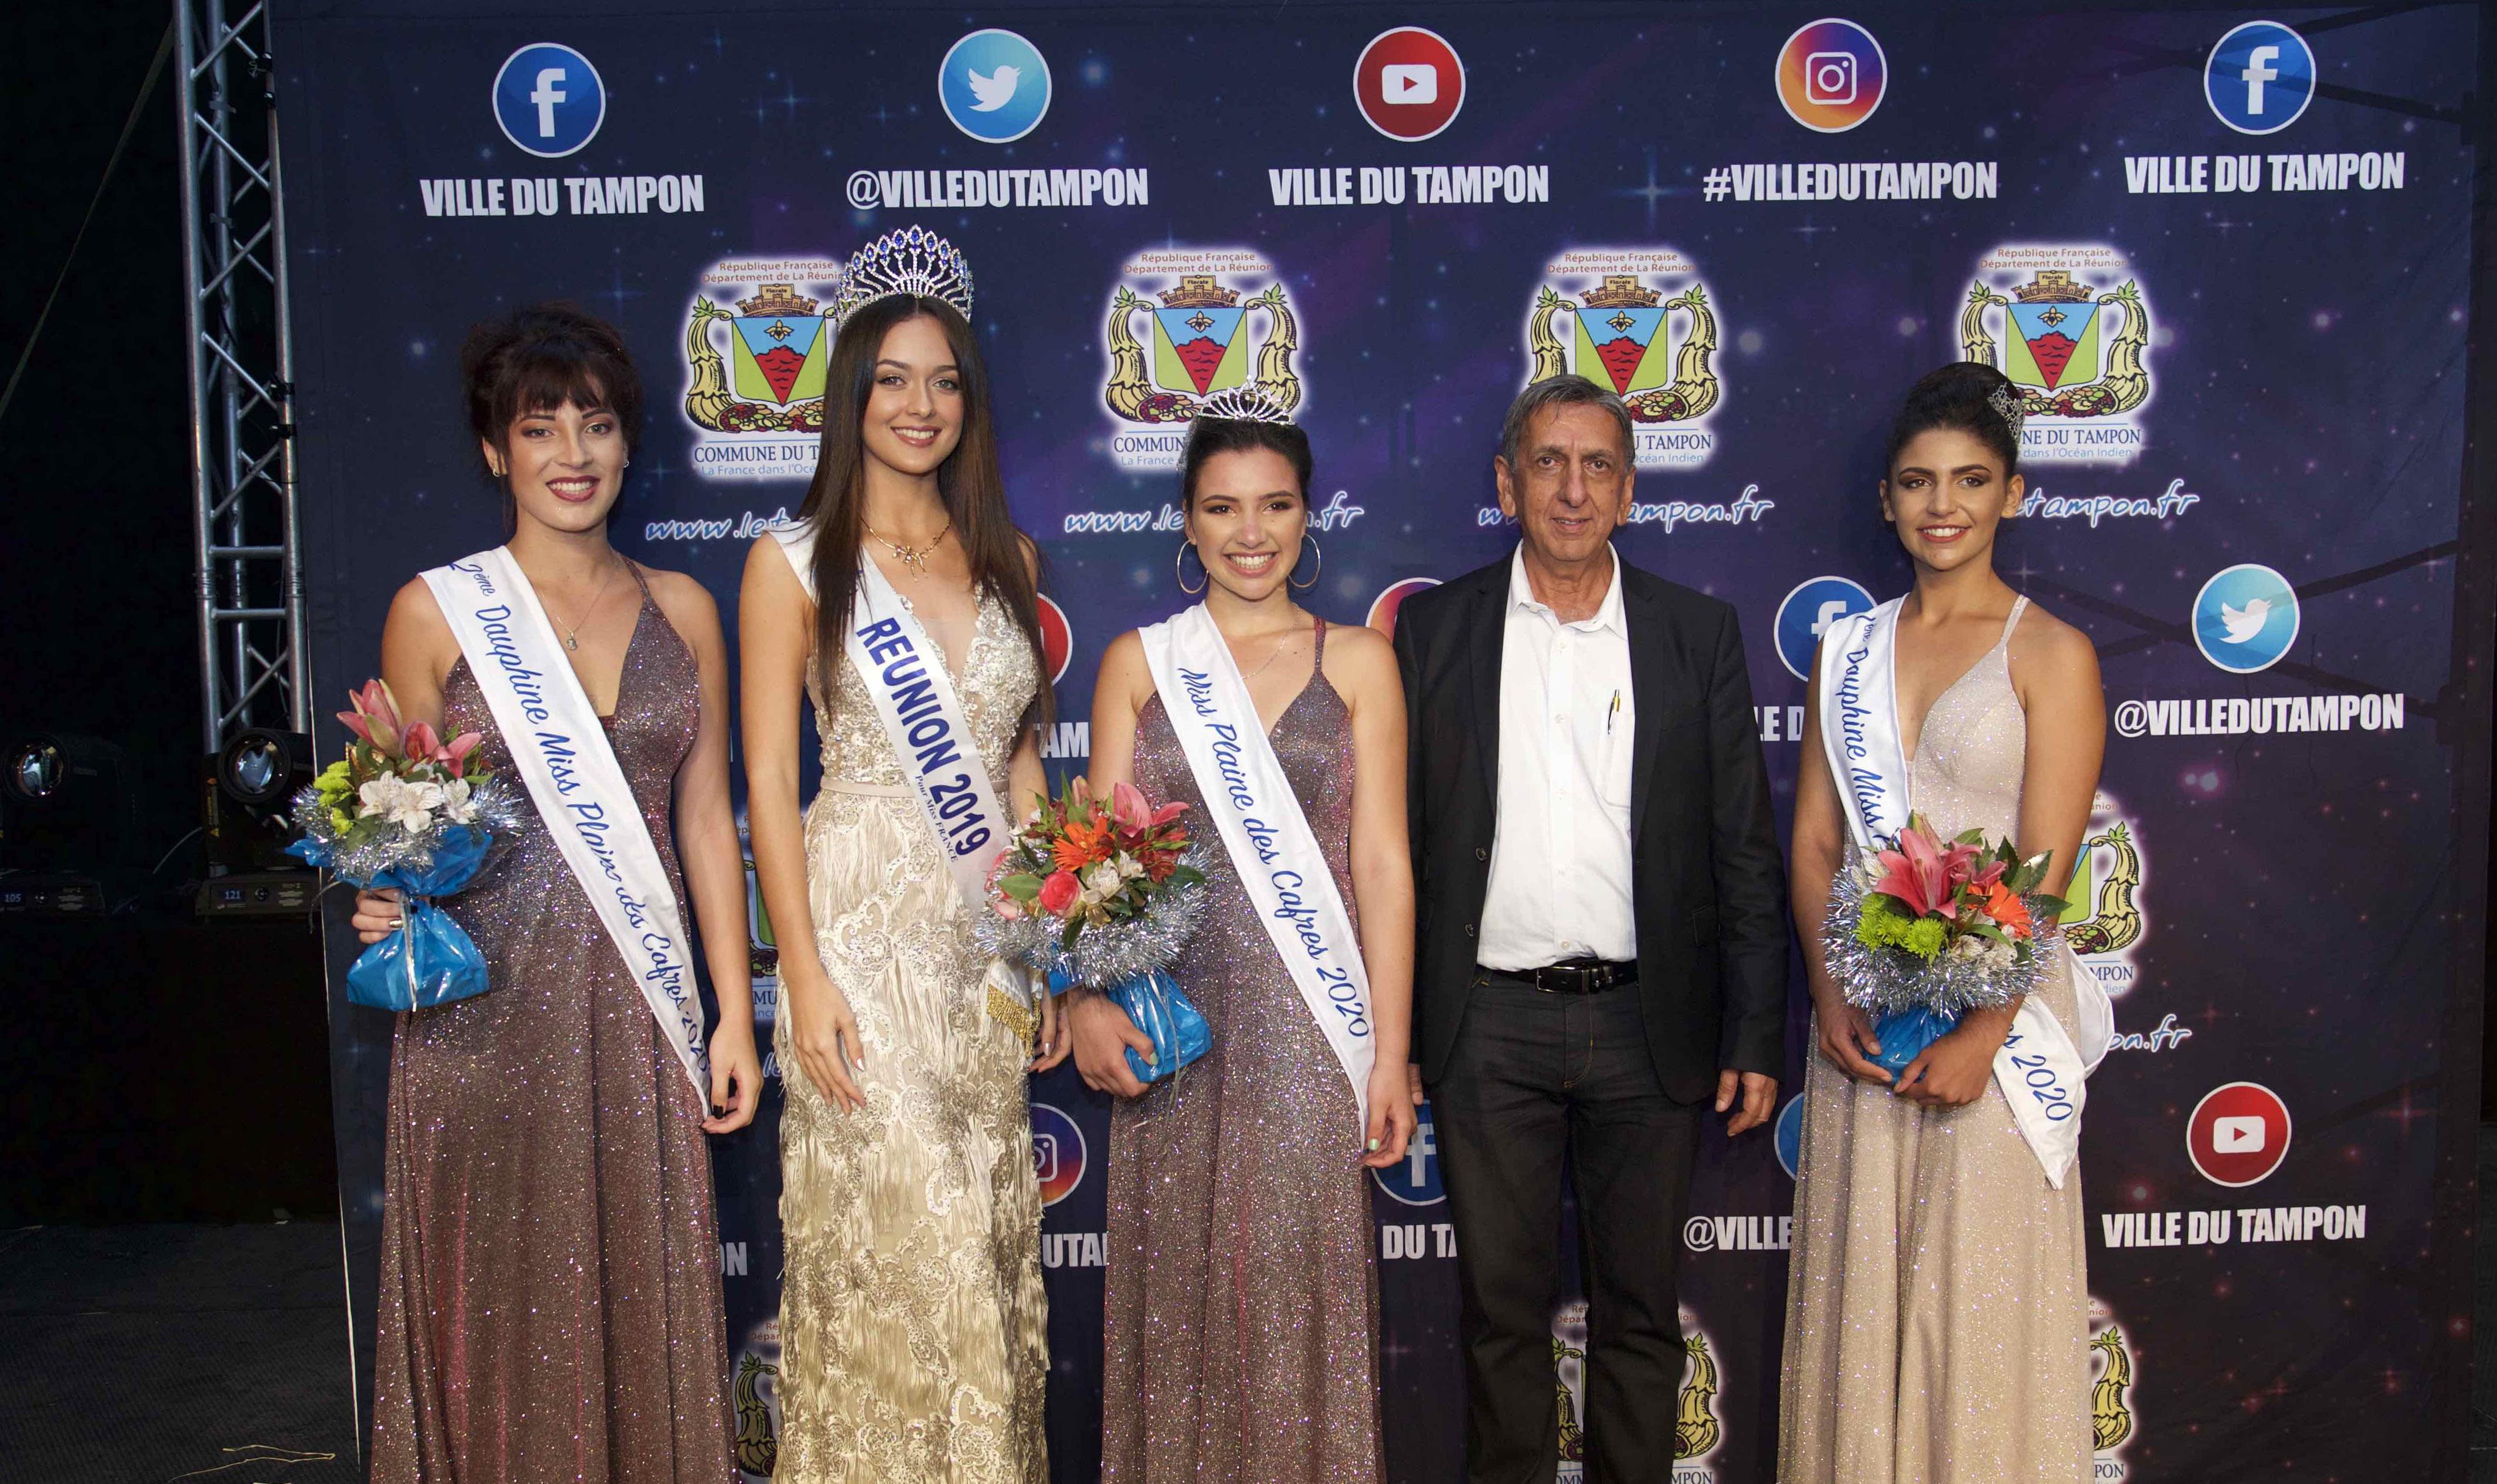 Avec Morgane Lebon, Miss Réunion 2019, et Aziz Patel du Comité Miss Réunion